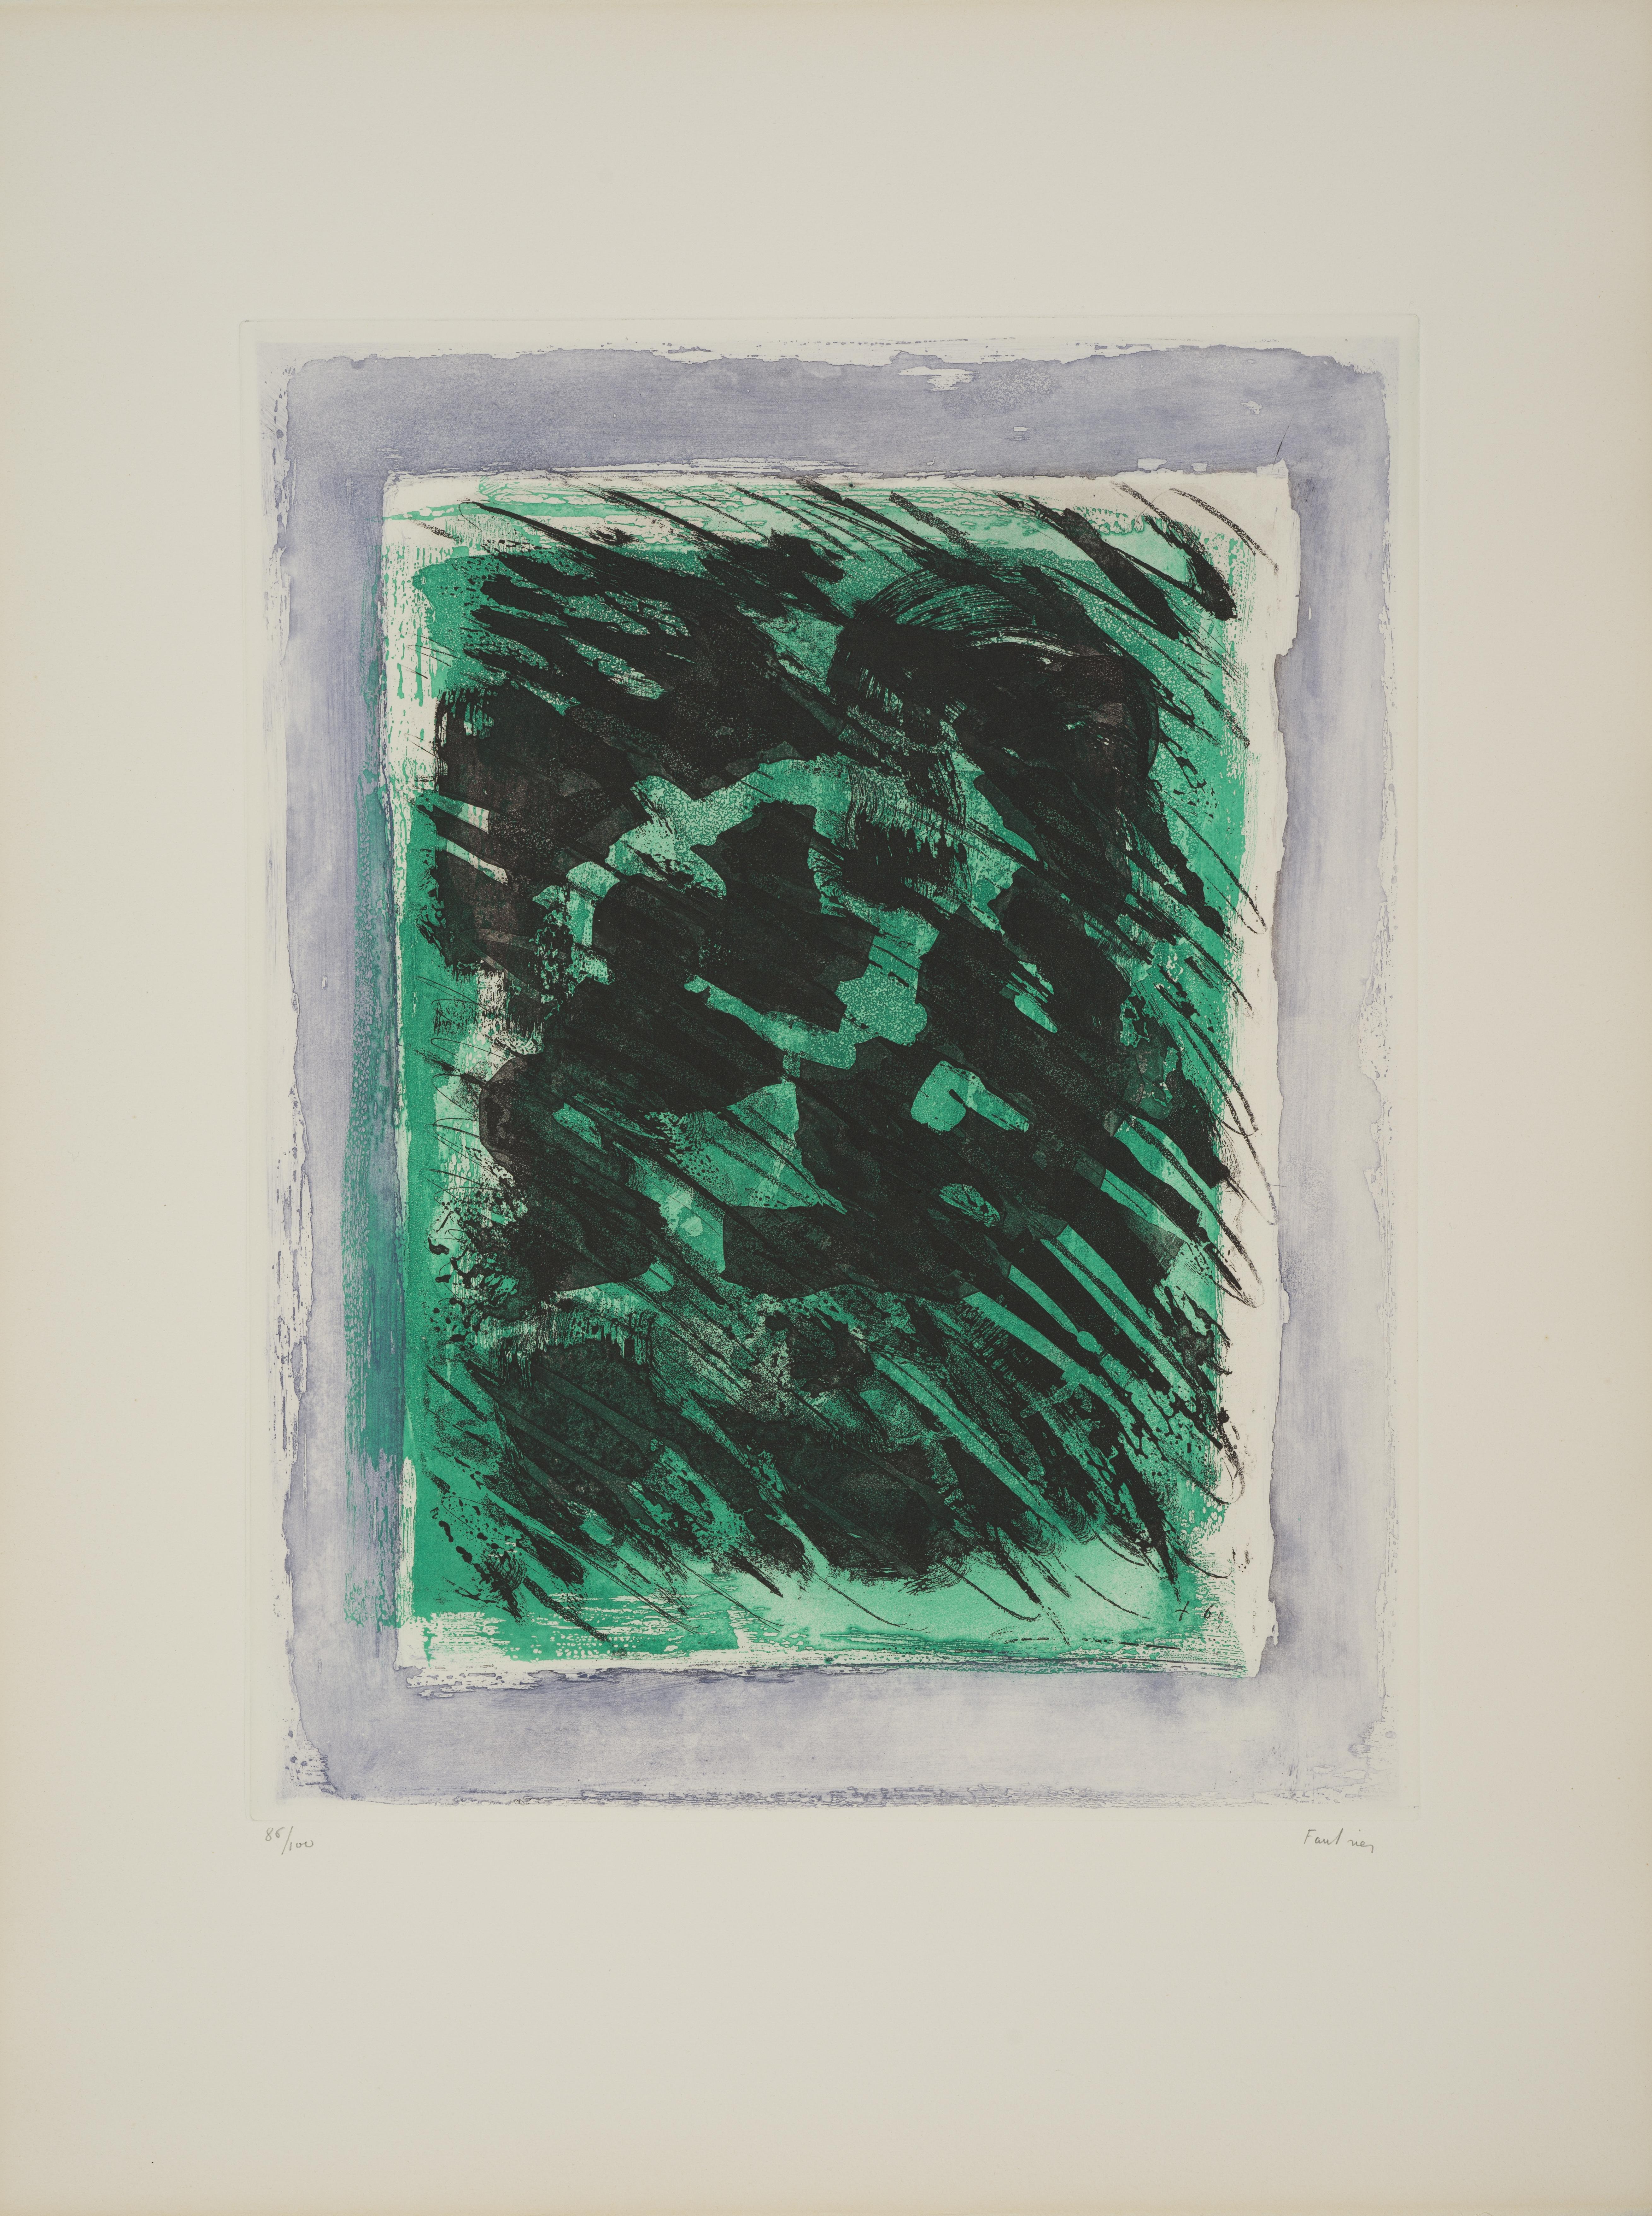 Lot 8 - Jean FAUTRIER (1898-1964) - La forêt, 1964 - Aquatinte et lavis sur vélin d'Arches, [...]